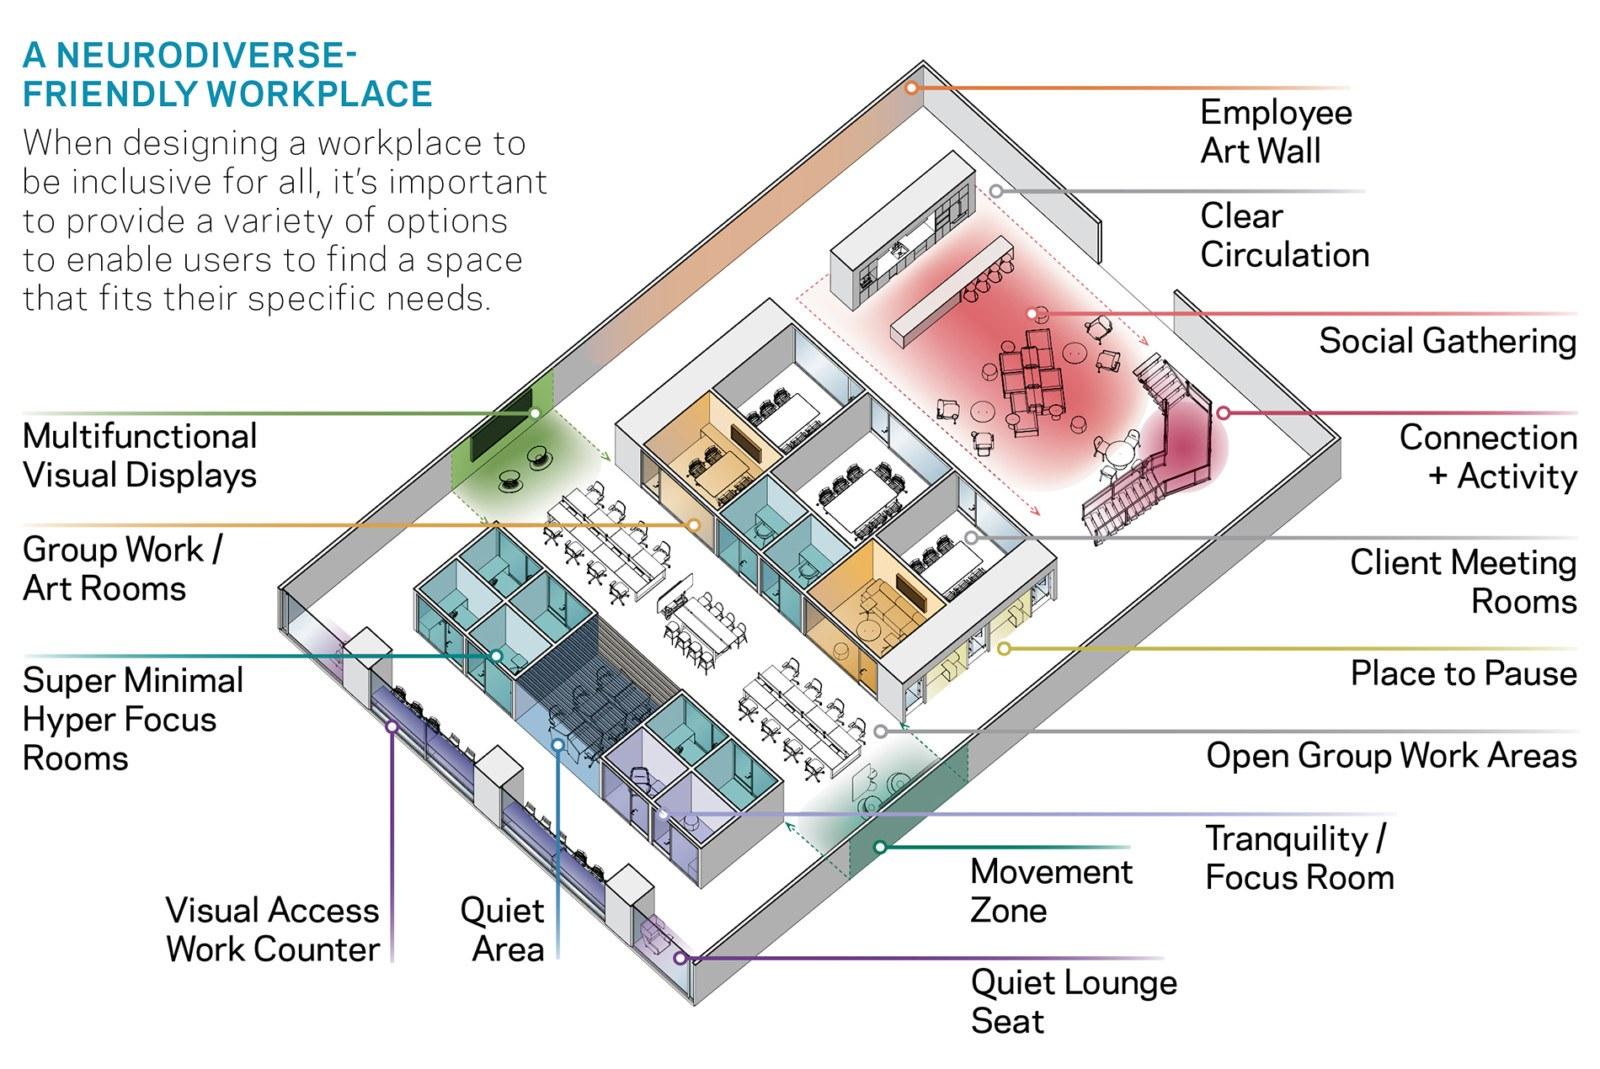 Designing-for-Neurodiversity-Illustration-1600x1069.jpg